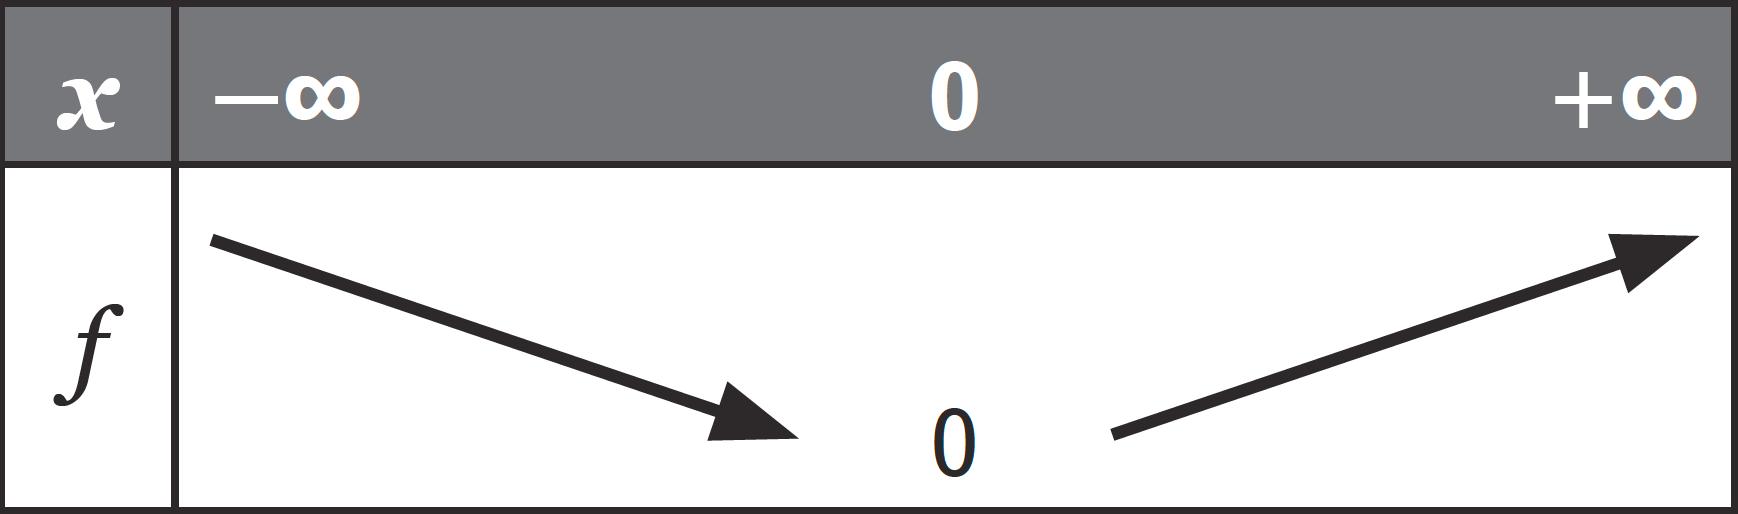 Tableau de variation - Fonction valeur absolue - Sens de variation et extremum - Fonctions de référence